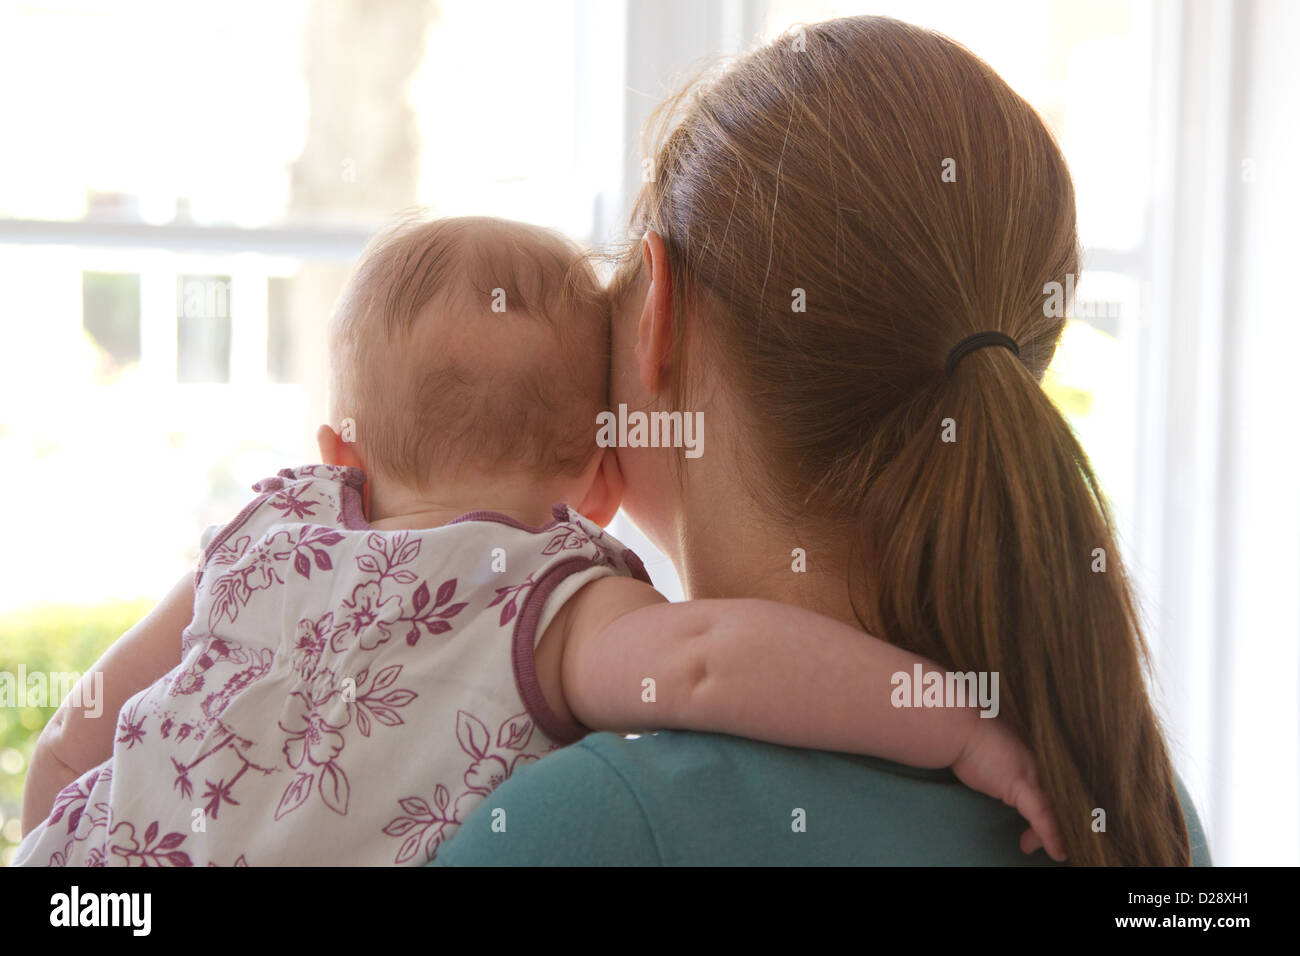 Madre y bebé mirando hacia afuera de la ventana Foto de stock